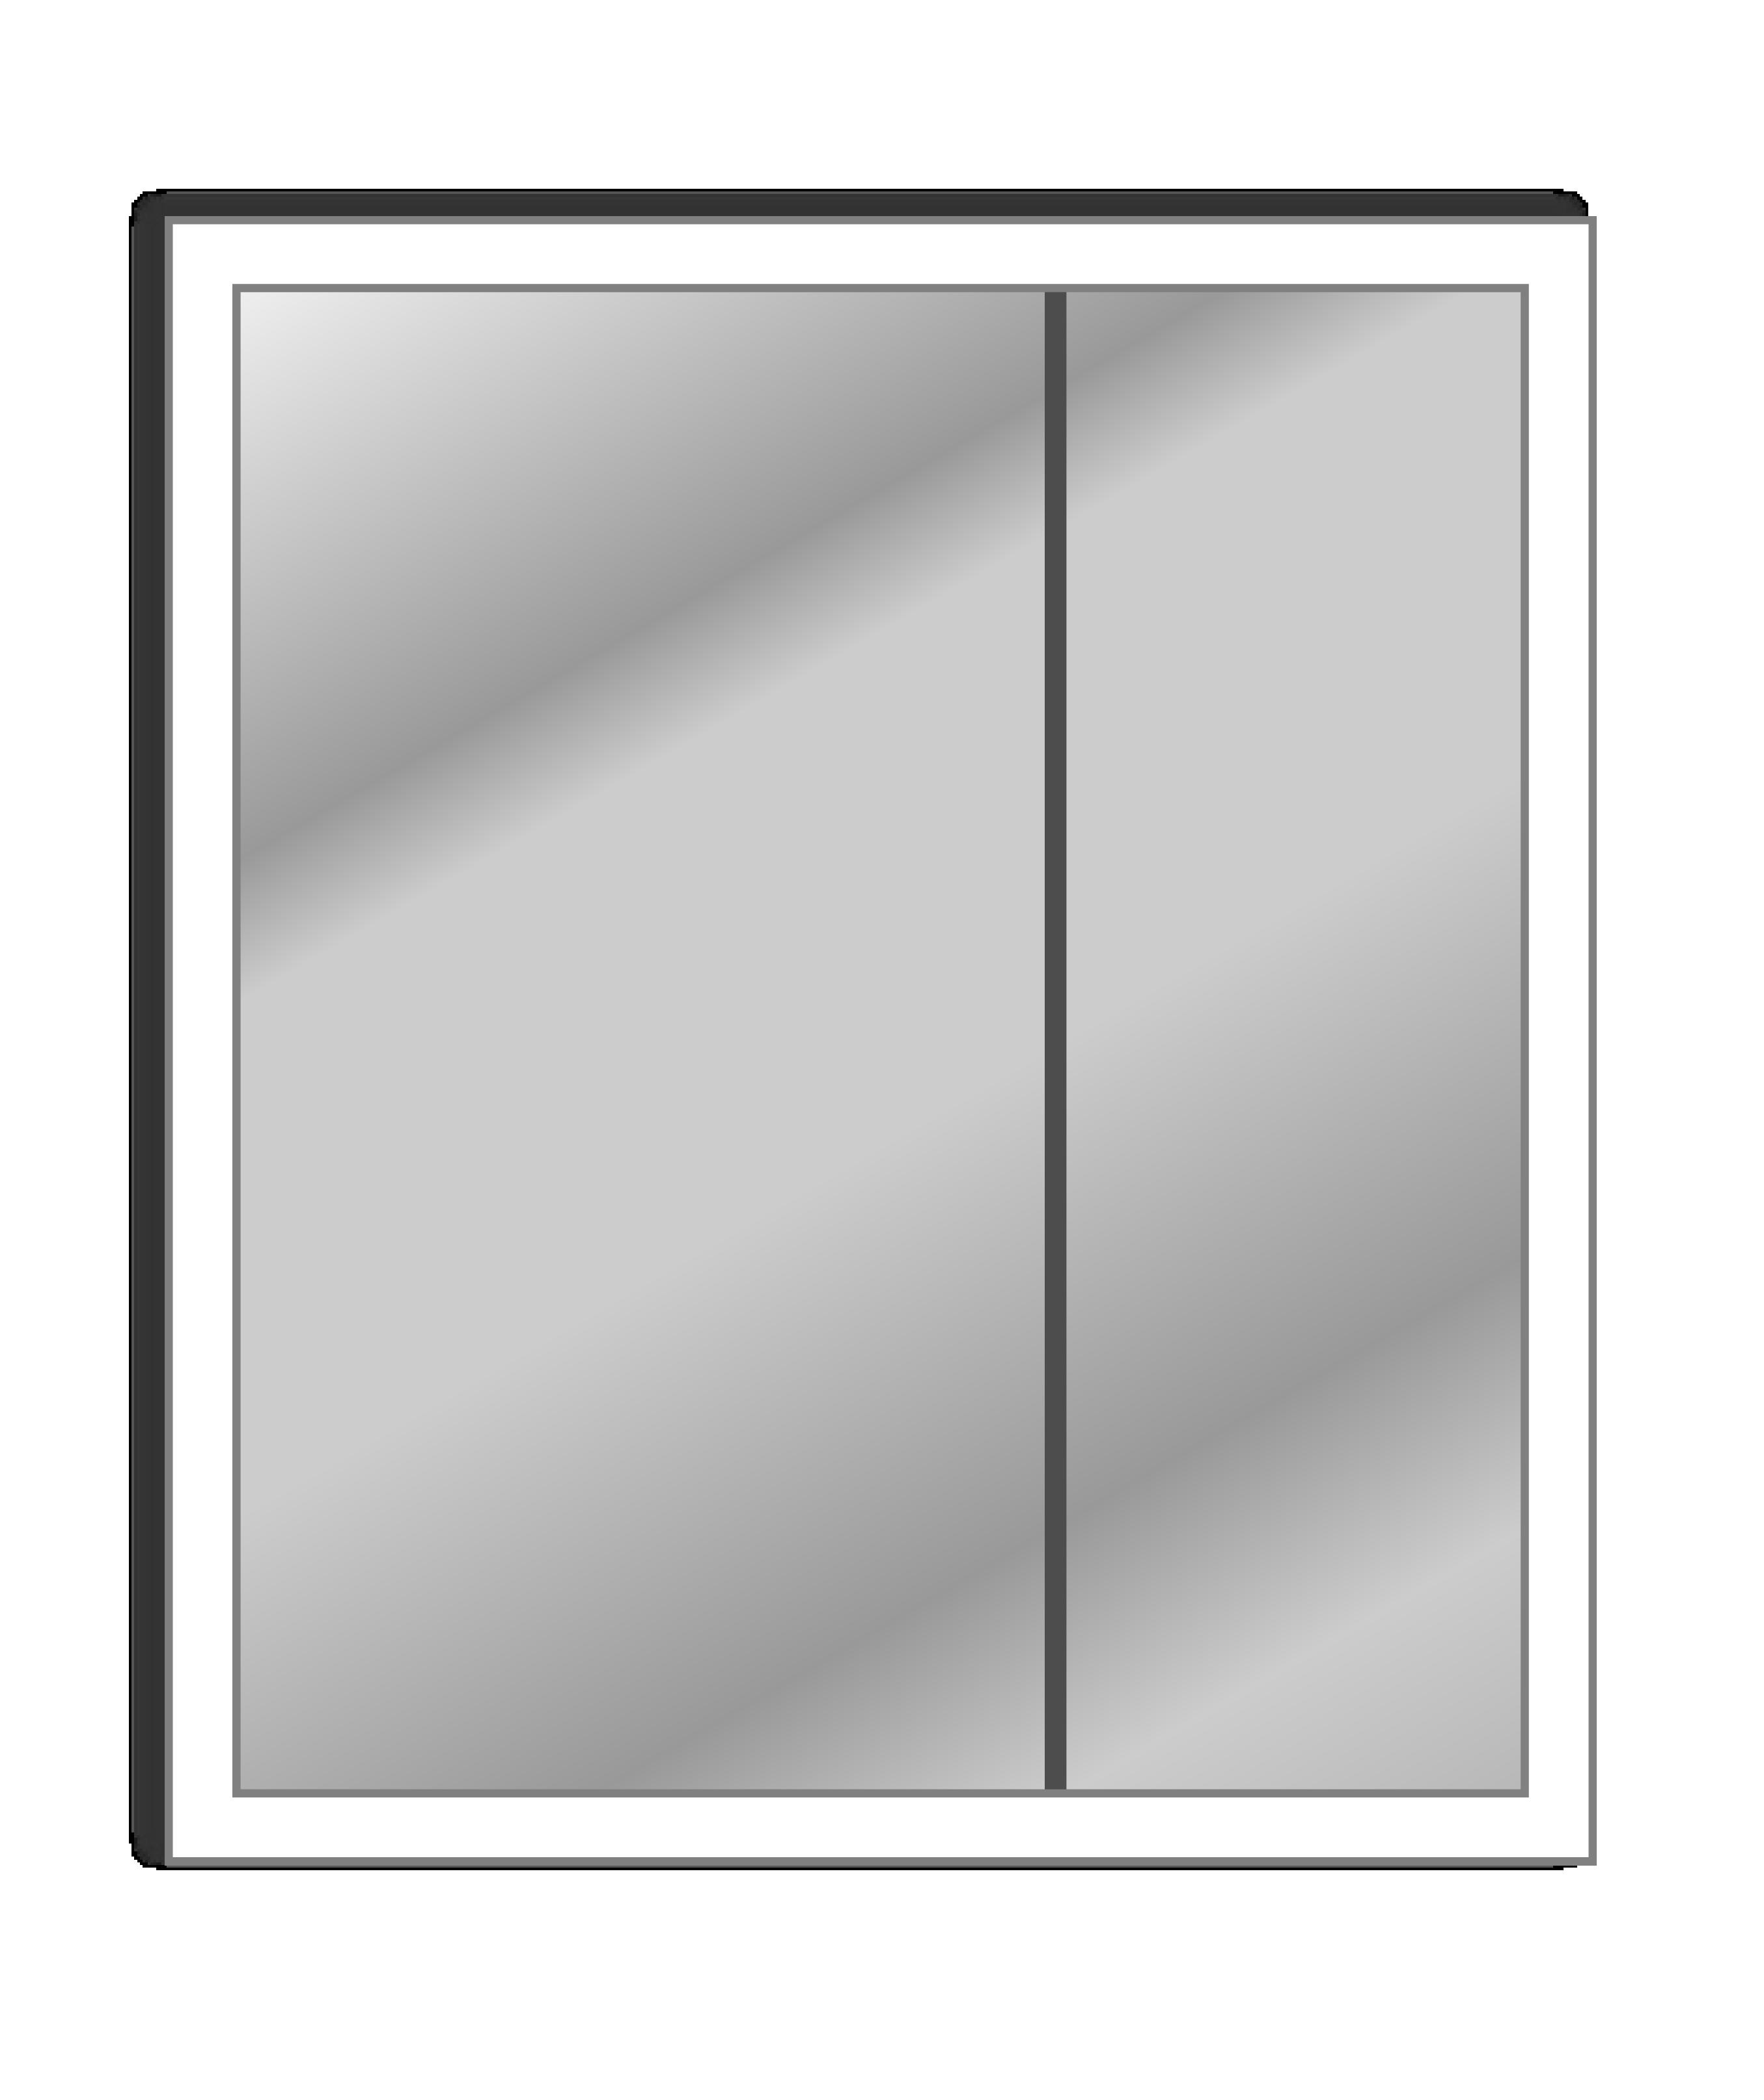 SIDLER Quadro 1.1008.013